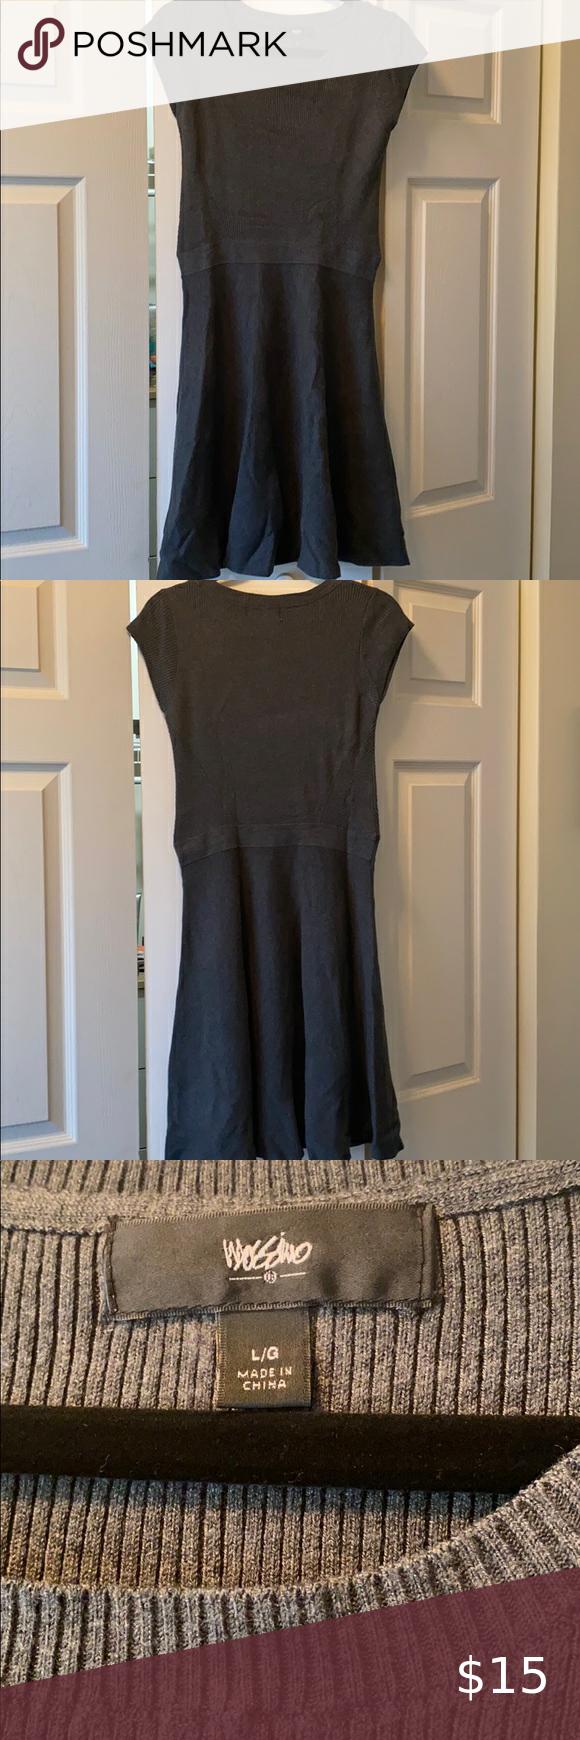 Sweater Dress In 2020 Sweater Dress Dress Size Chart Women Beige Lace Dresses [ 1740 x 580 Pixel ]